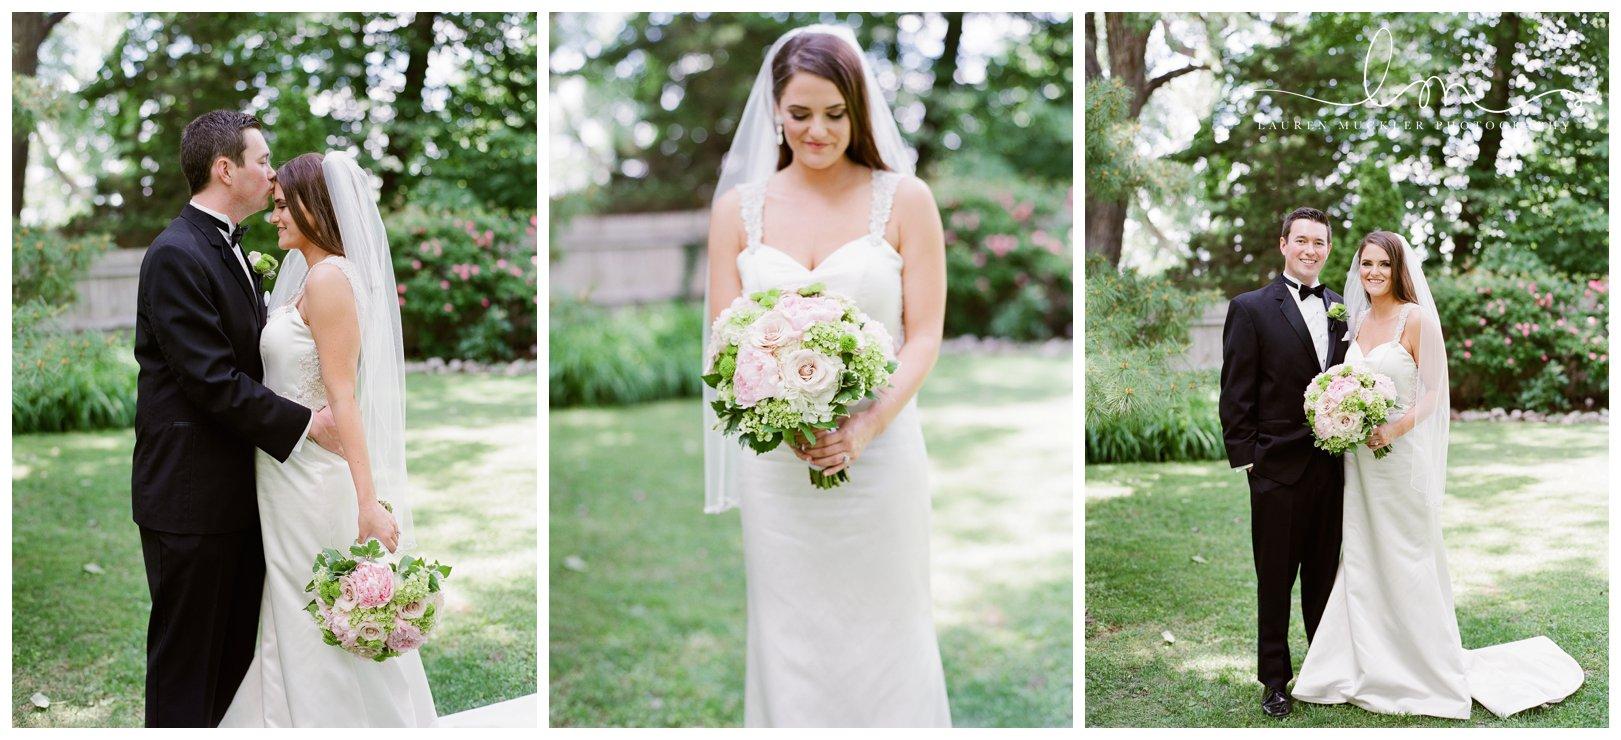 lauren muckler photography_fine art film wedding photography_st louis_photography_0217.jpg